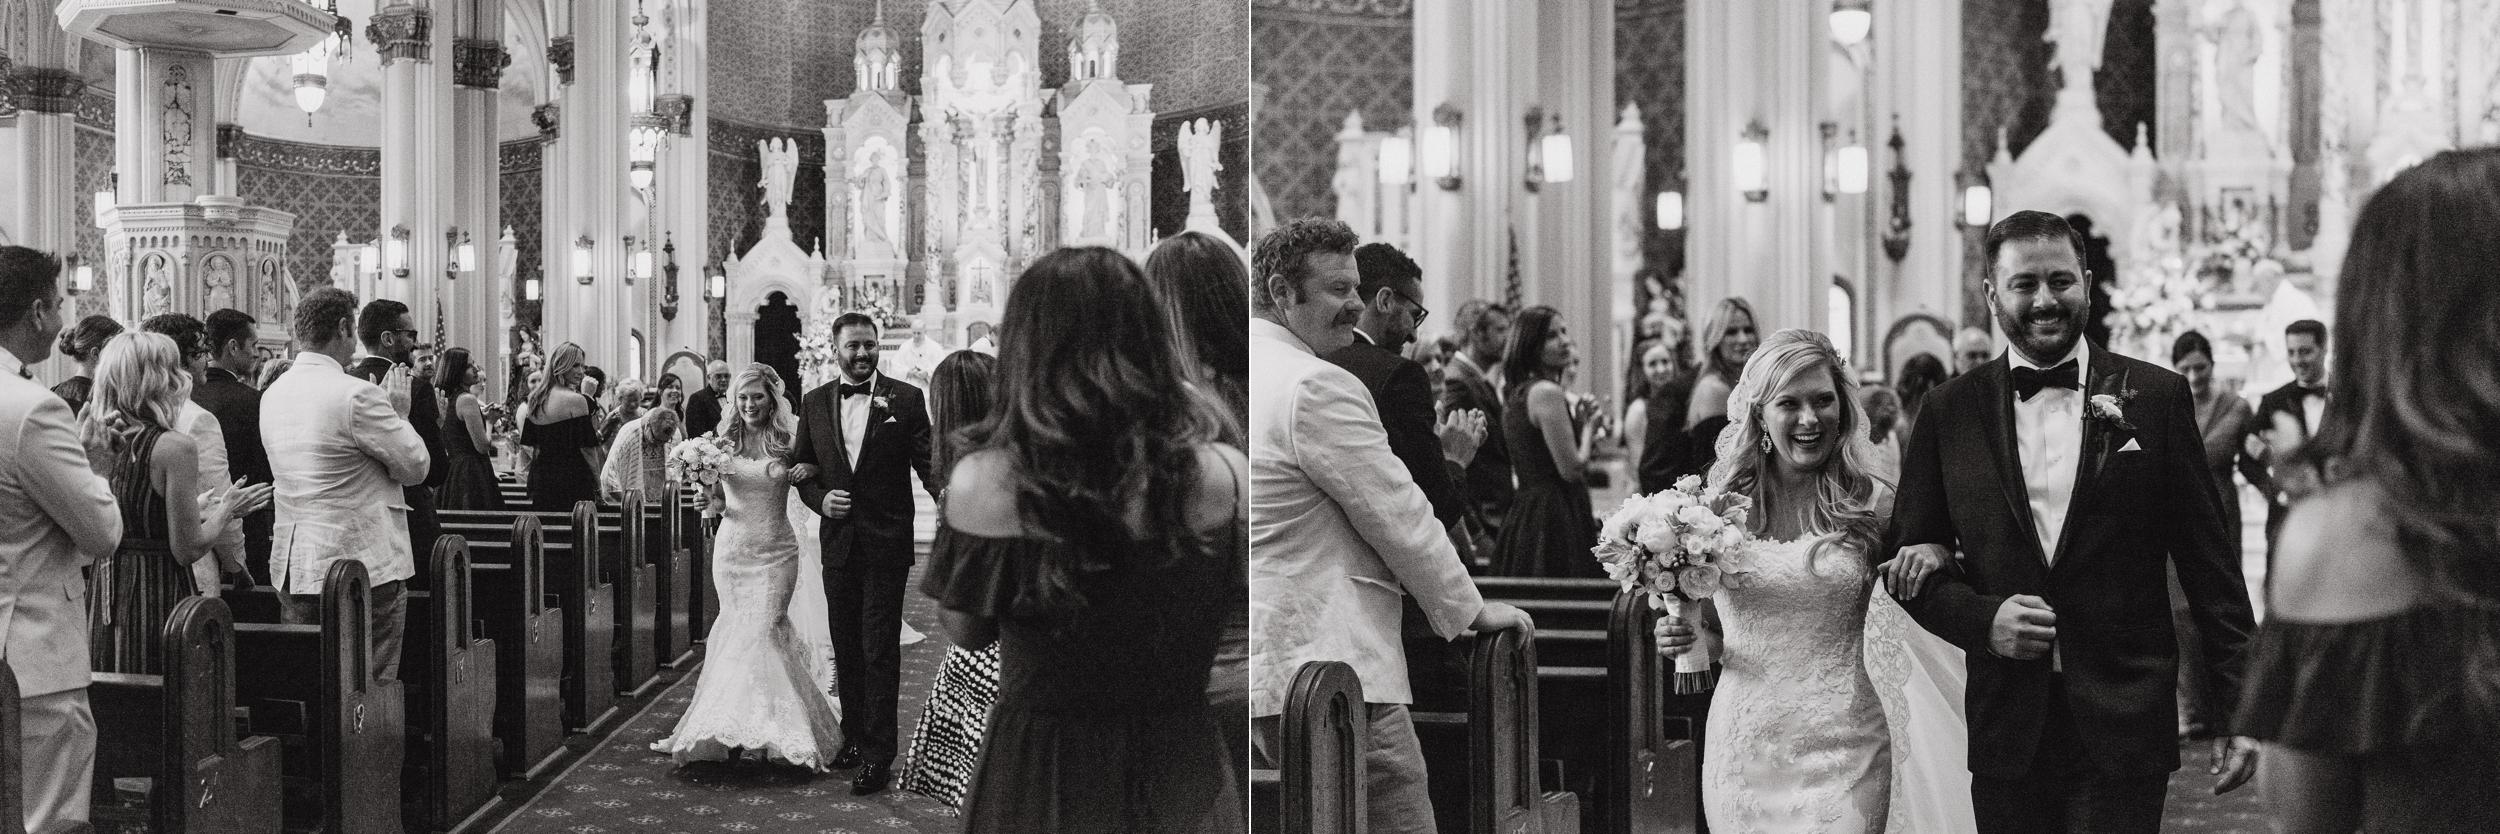 26-traditional-san-francisco-presidio-golden-gate-club-wedding-vivianchen-353_WEB.jpg